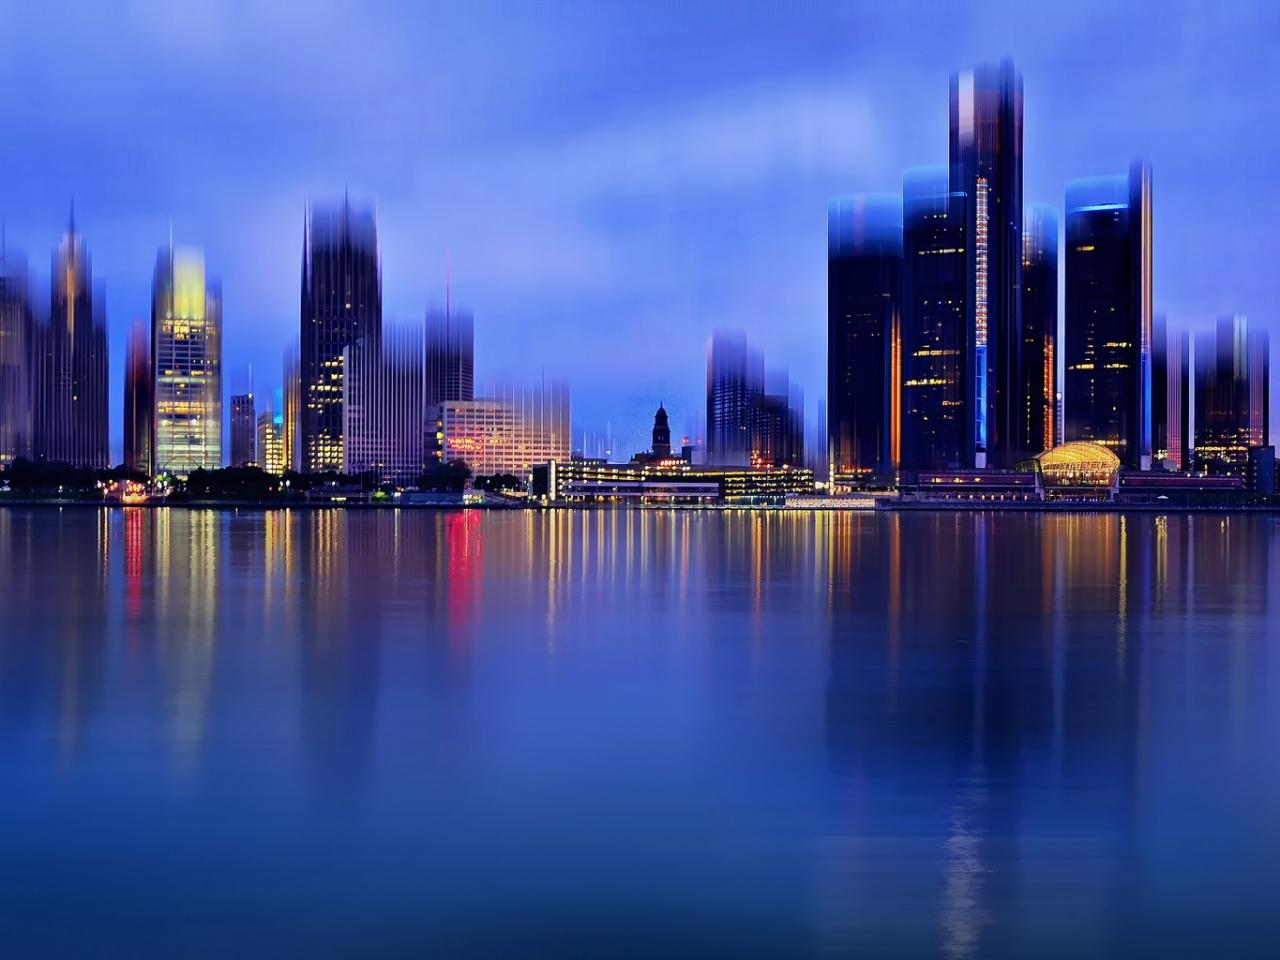 La ciudad de Detroit - 1280x960